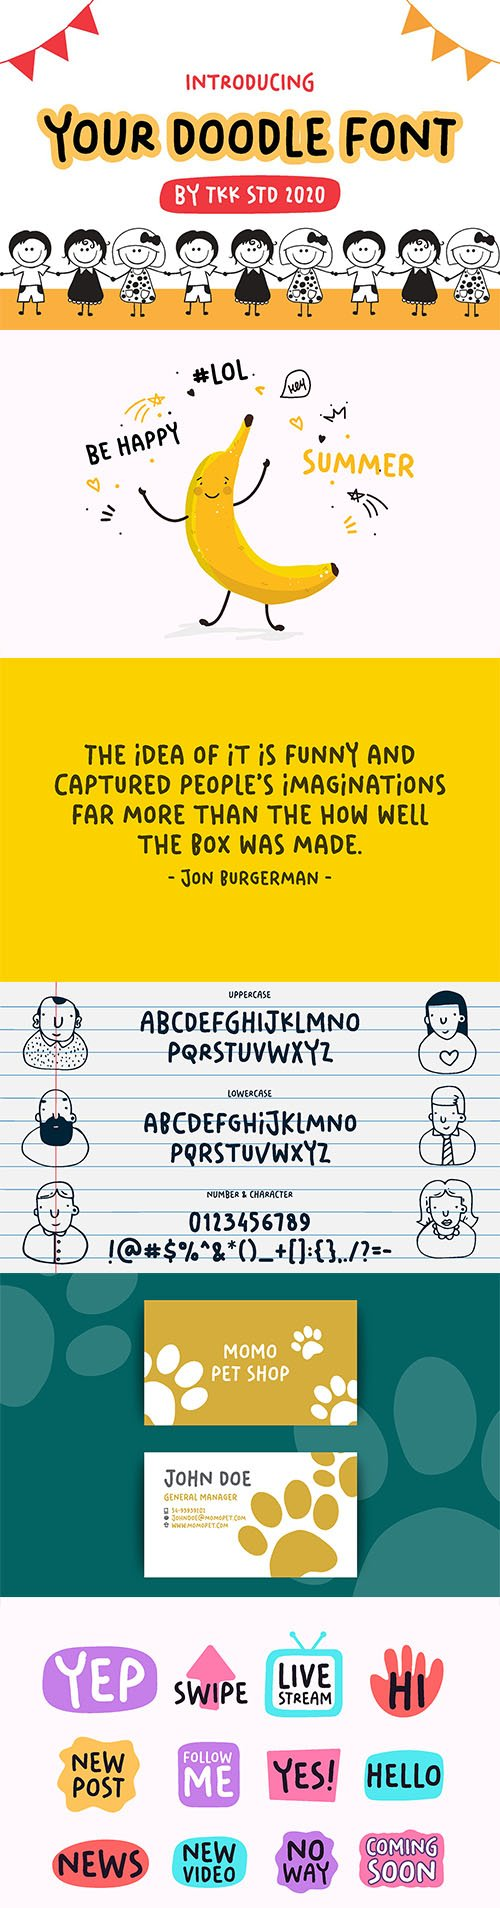 Your Doodle Font